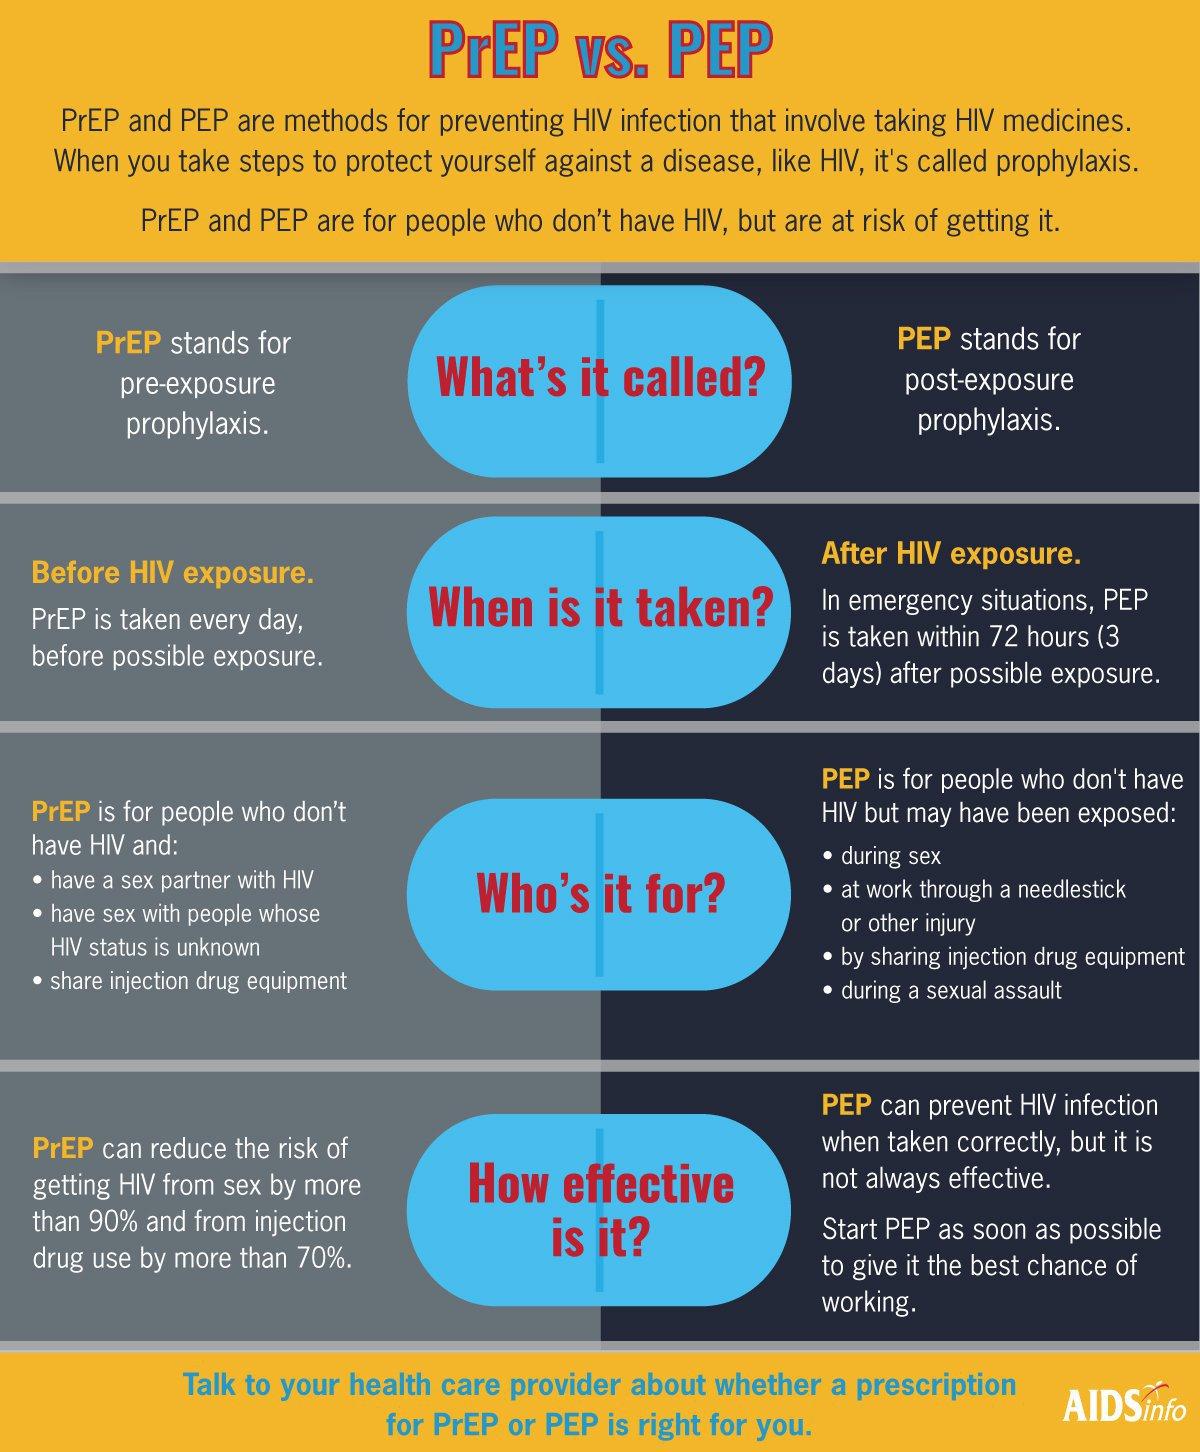 Inforgraphic of PrEP vs. PEP methods